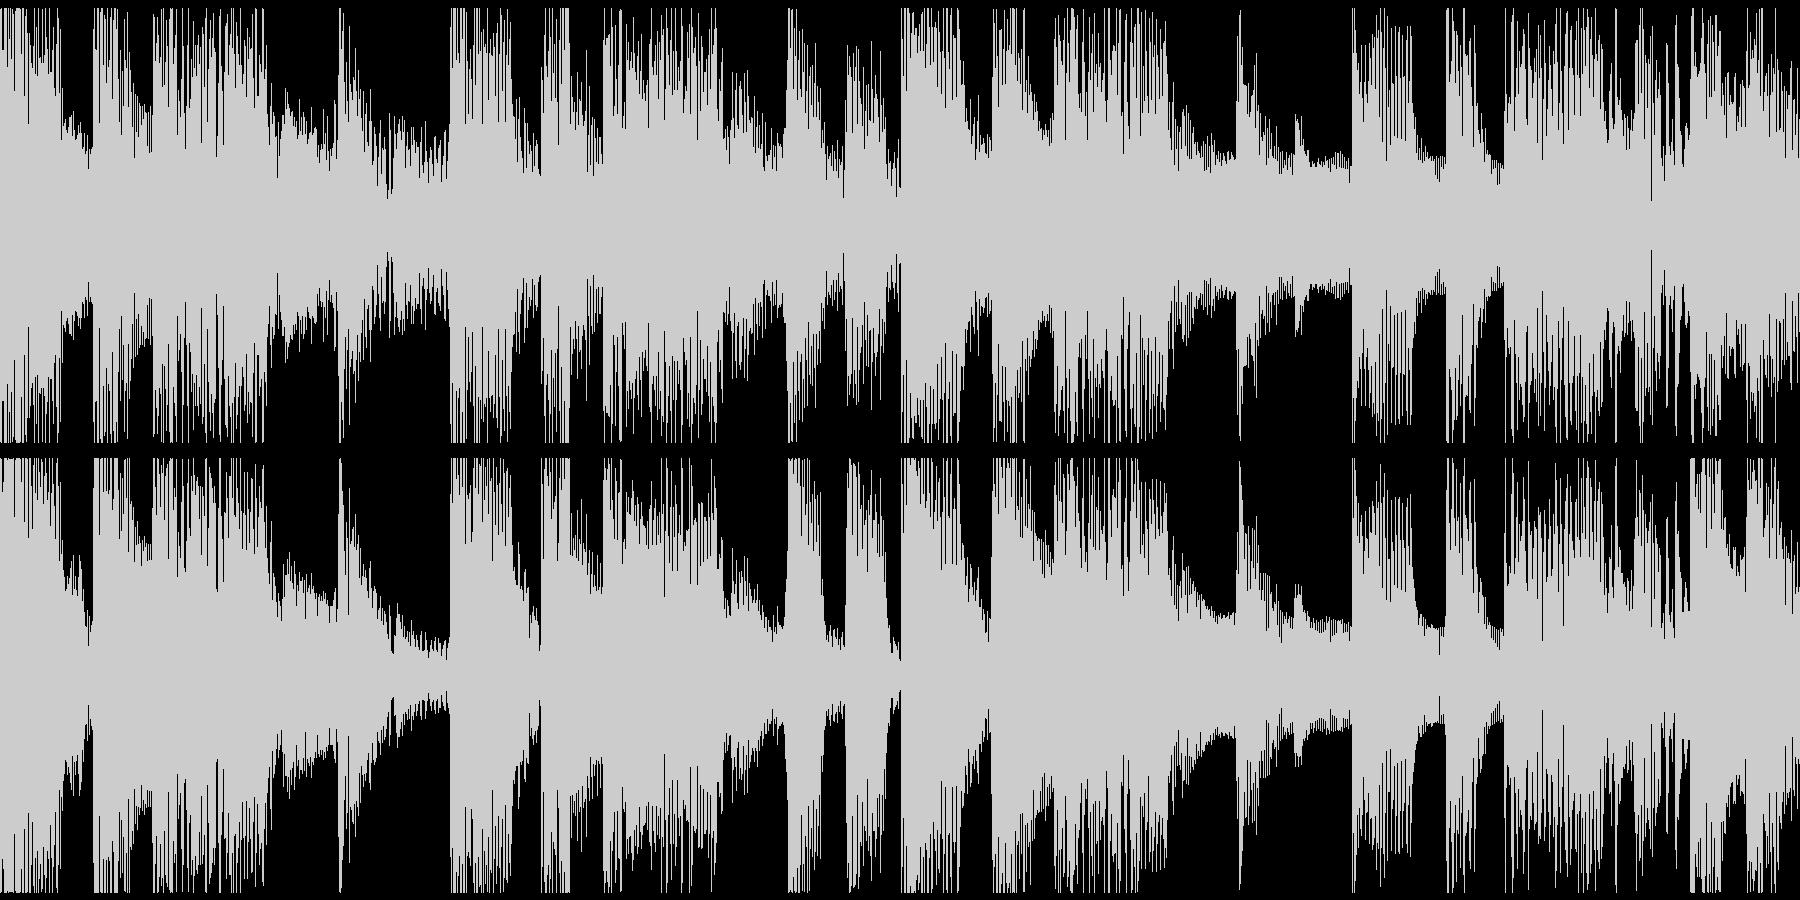 ループ。オシャレギター。80年代風。の未再生の波形